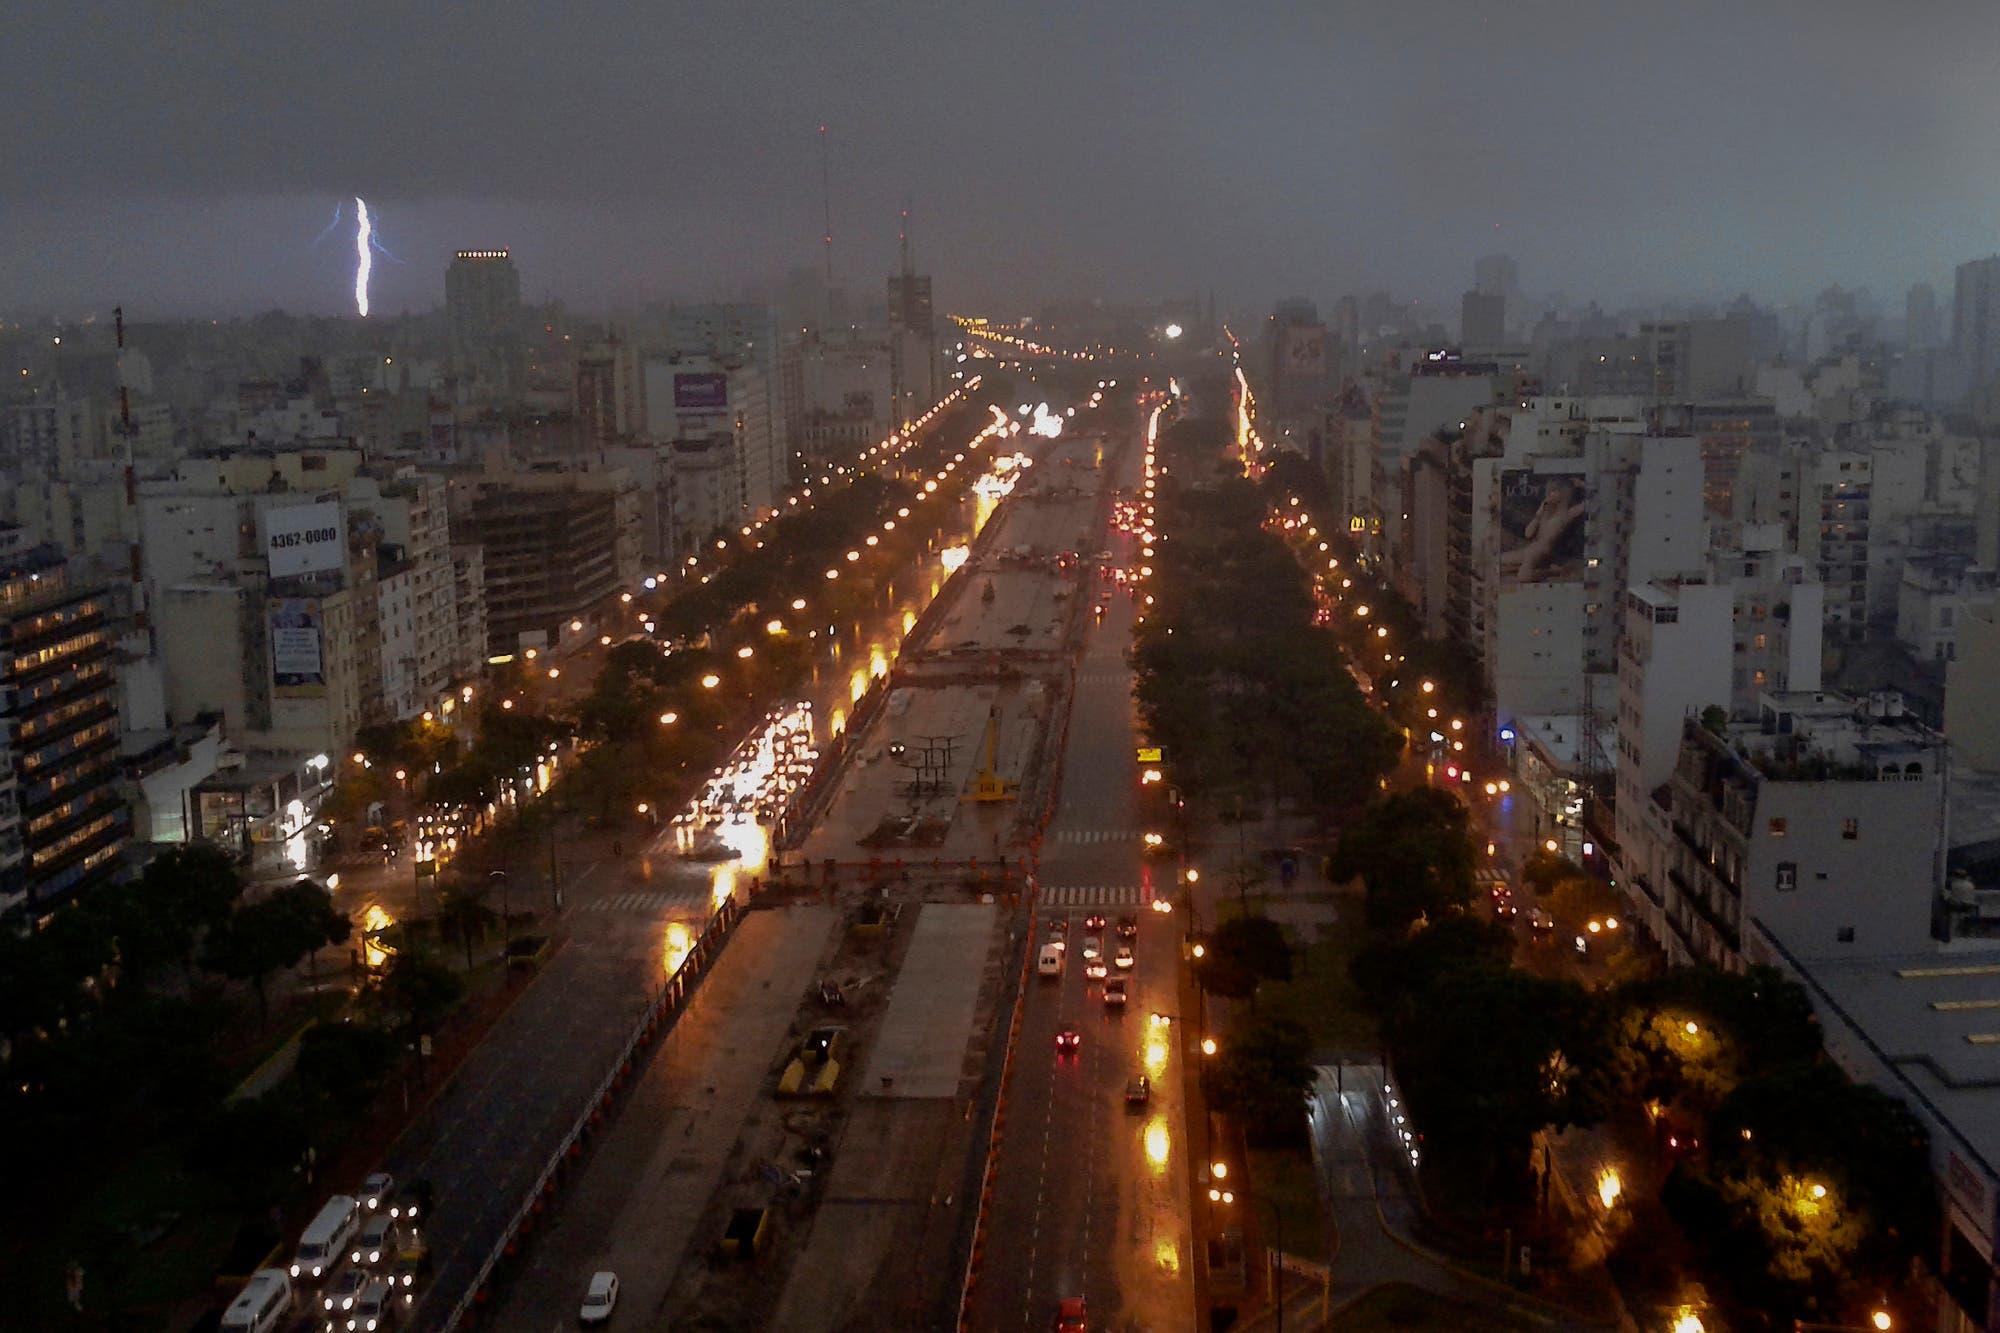 Pronóstico del tiempo: rige una alerta por tormentas intensas para la Capital y varias provincias